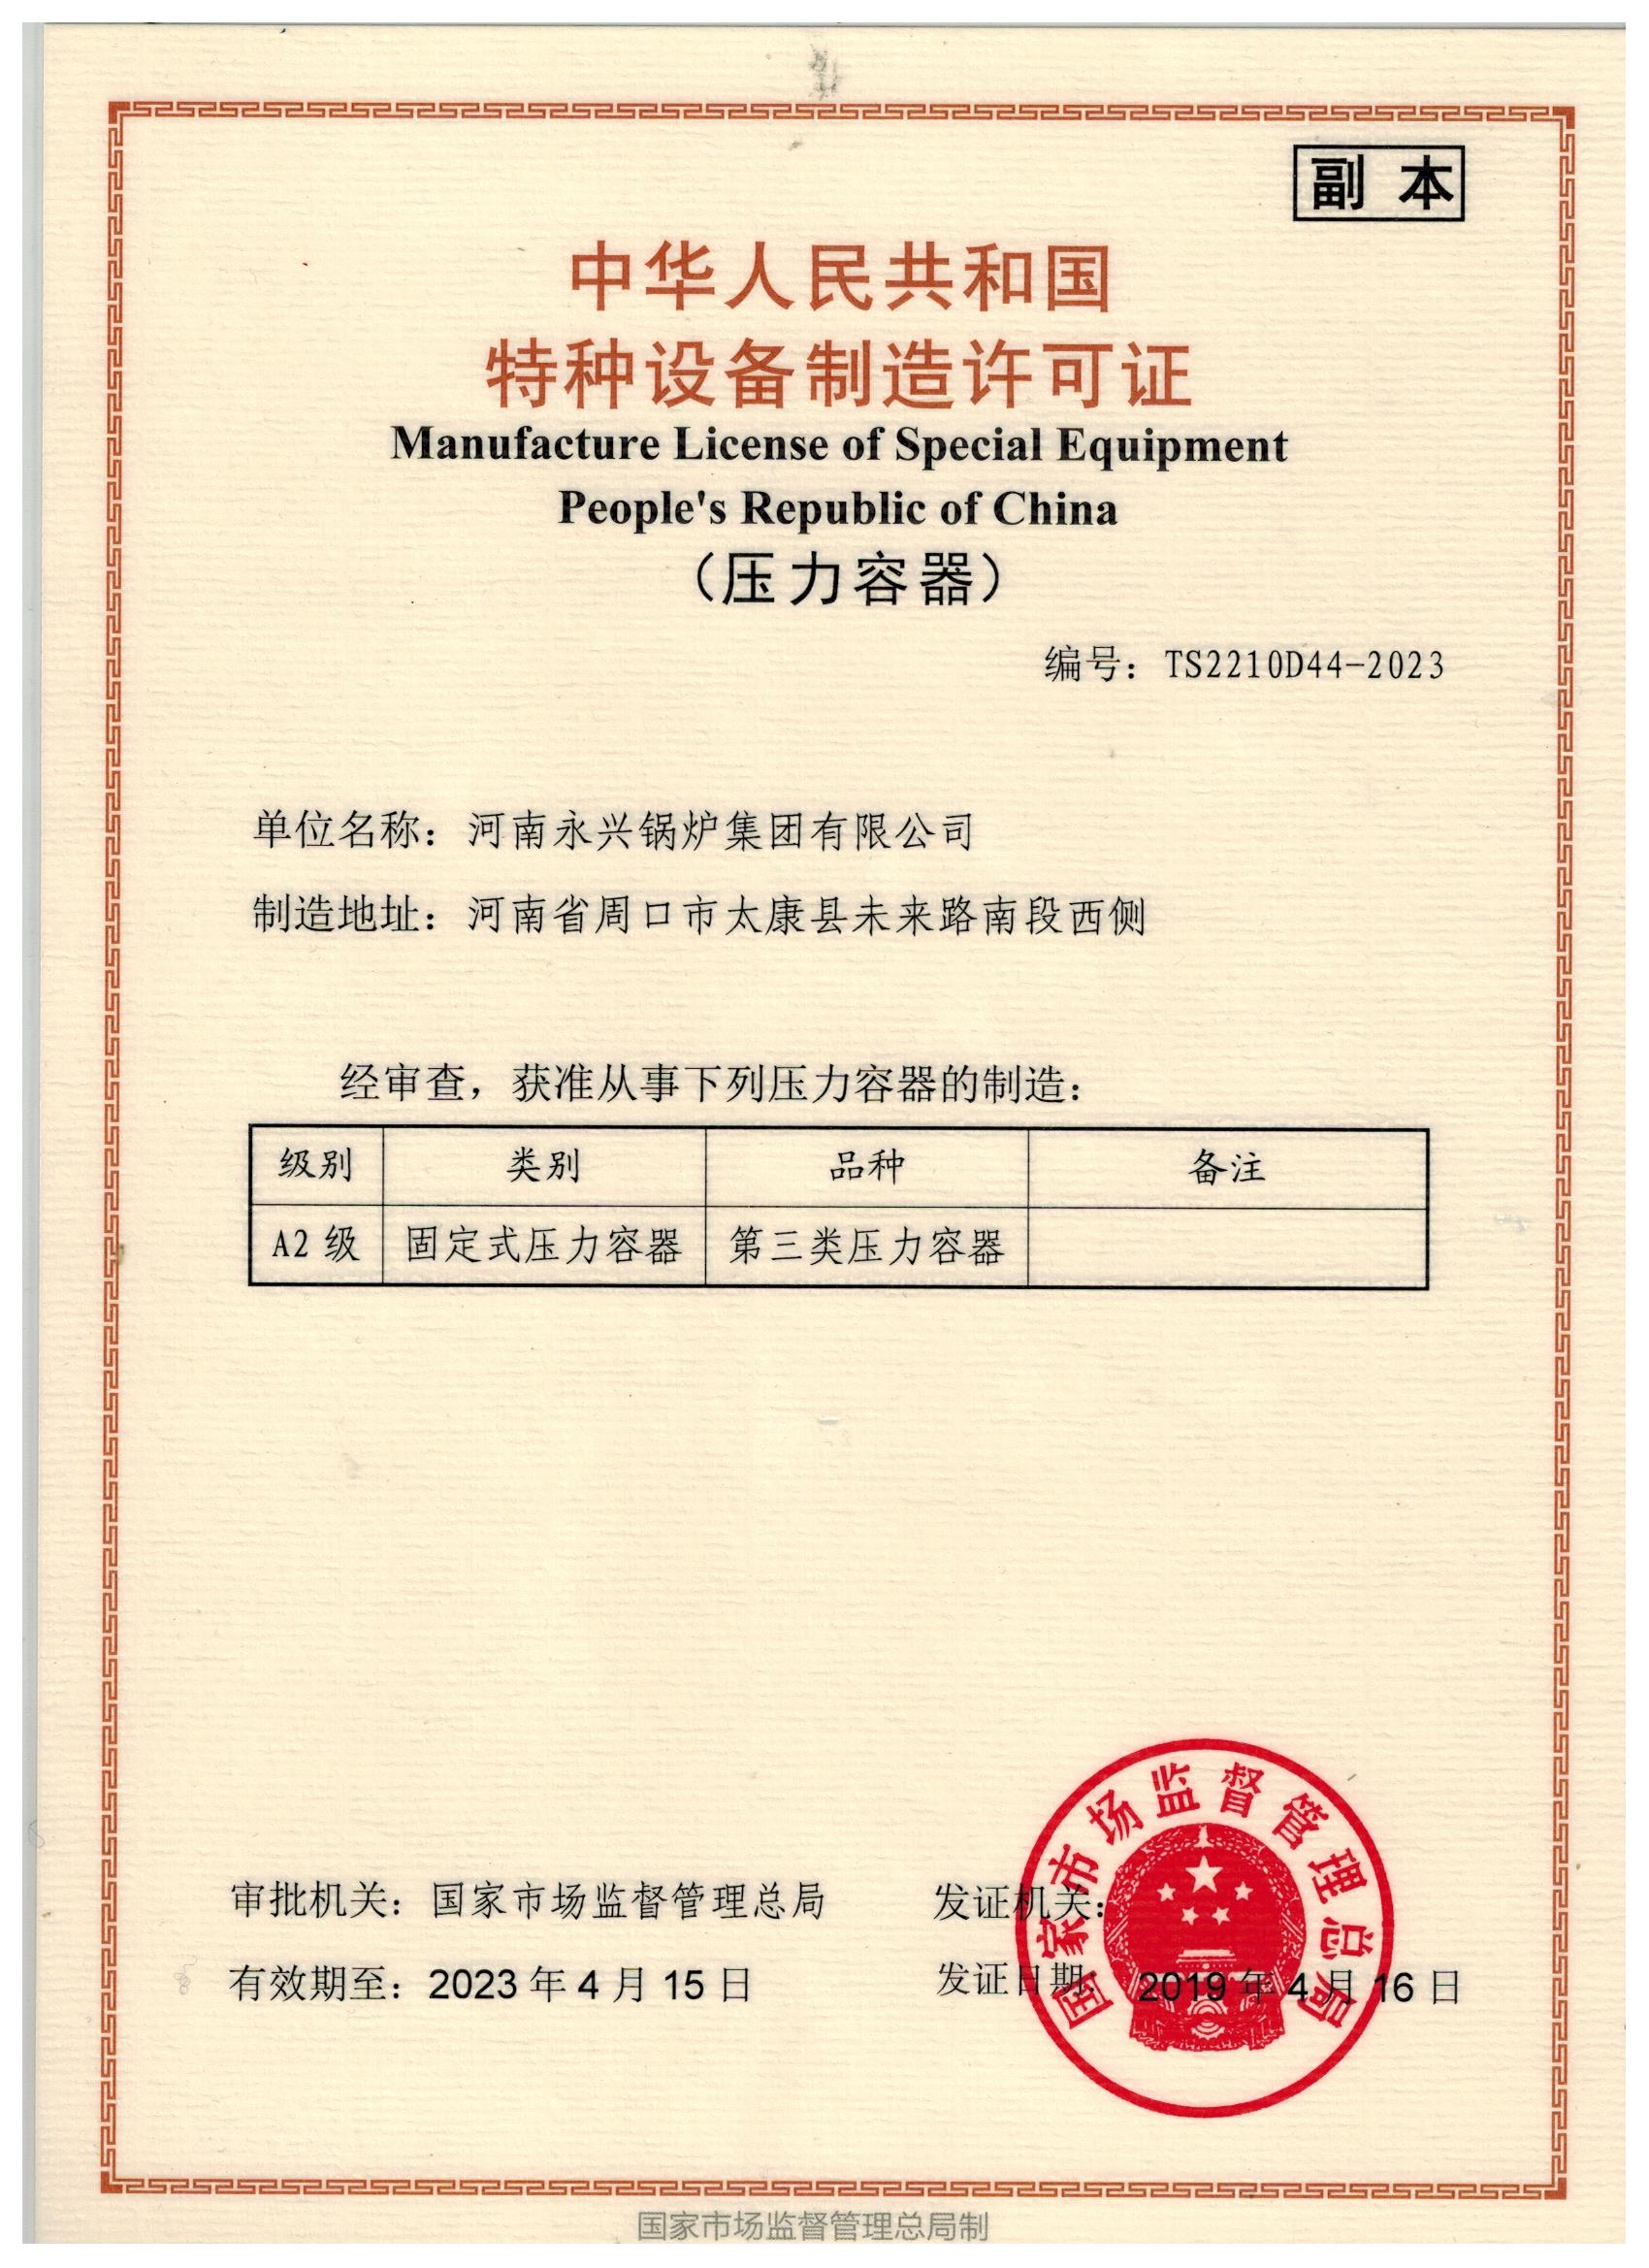 永興鍋爐集團壓力容器制造許可證副本